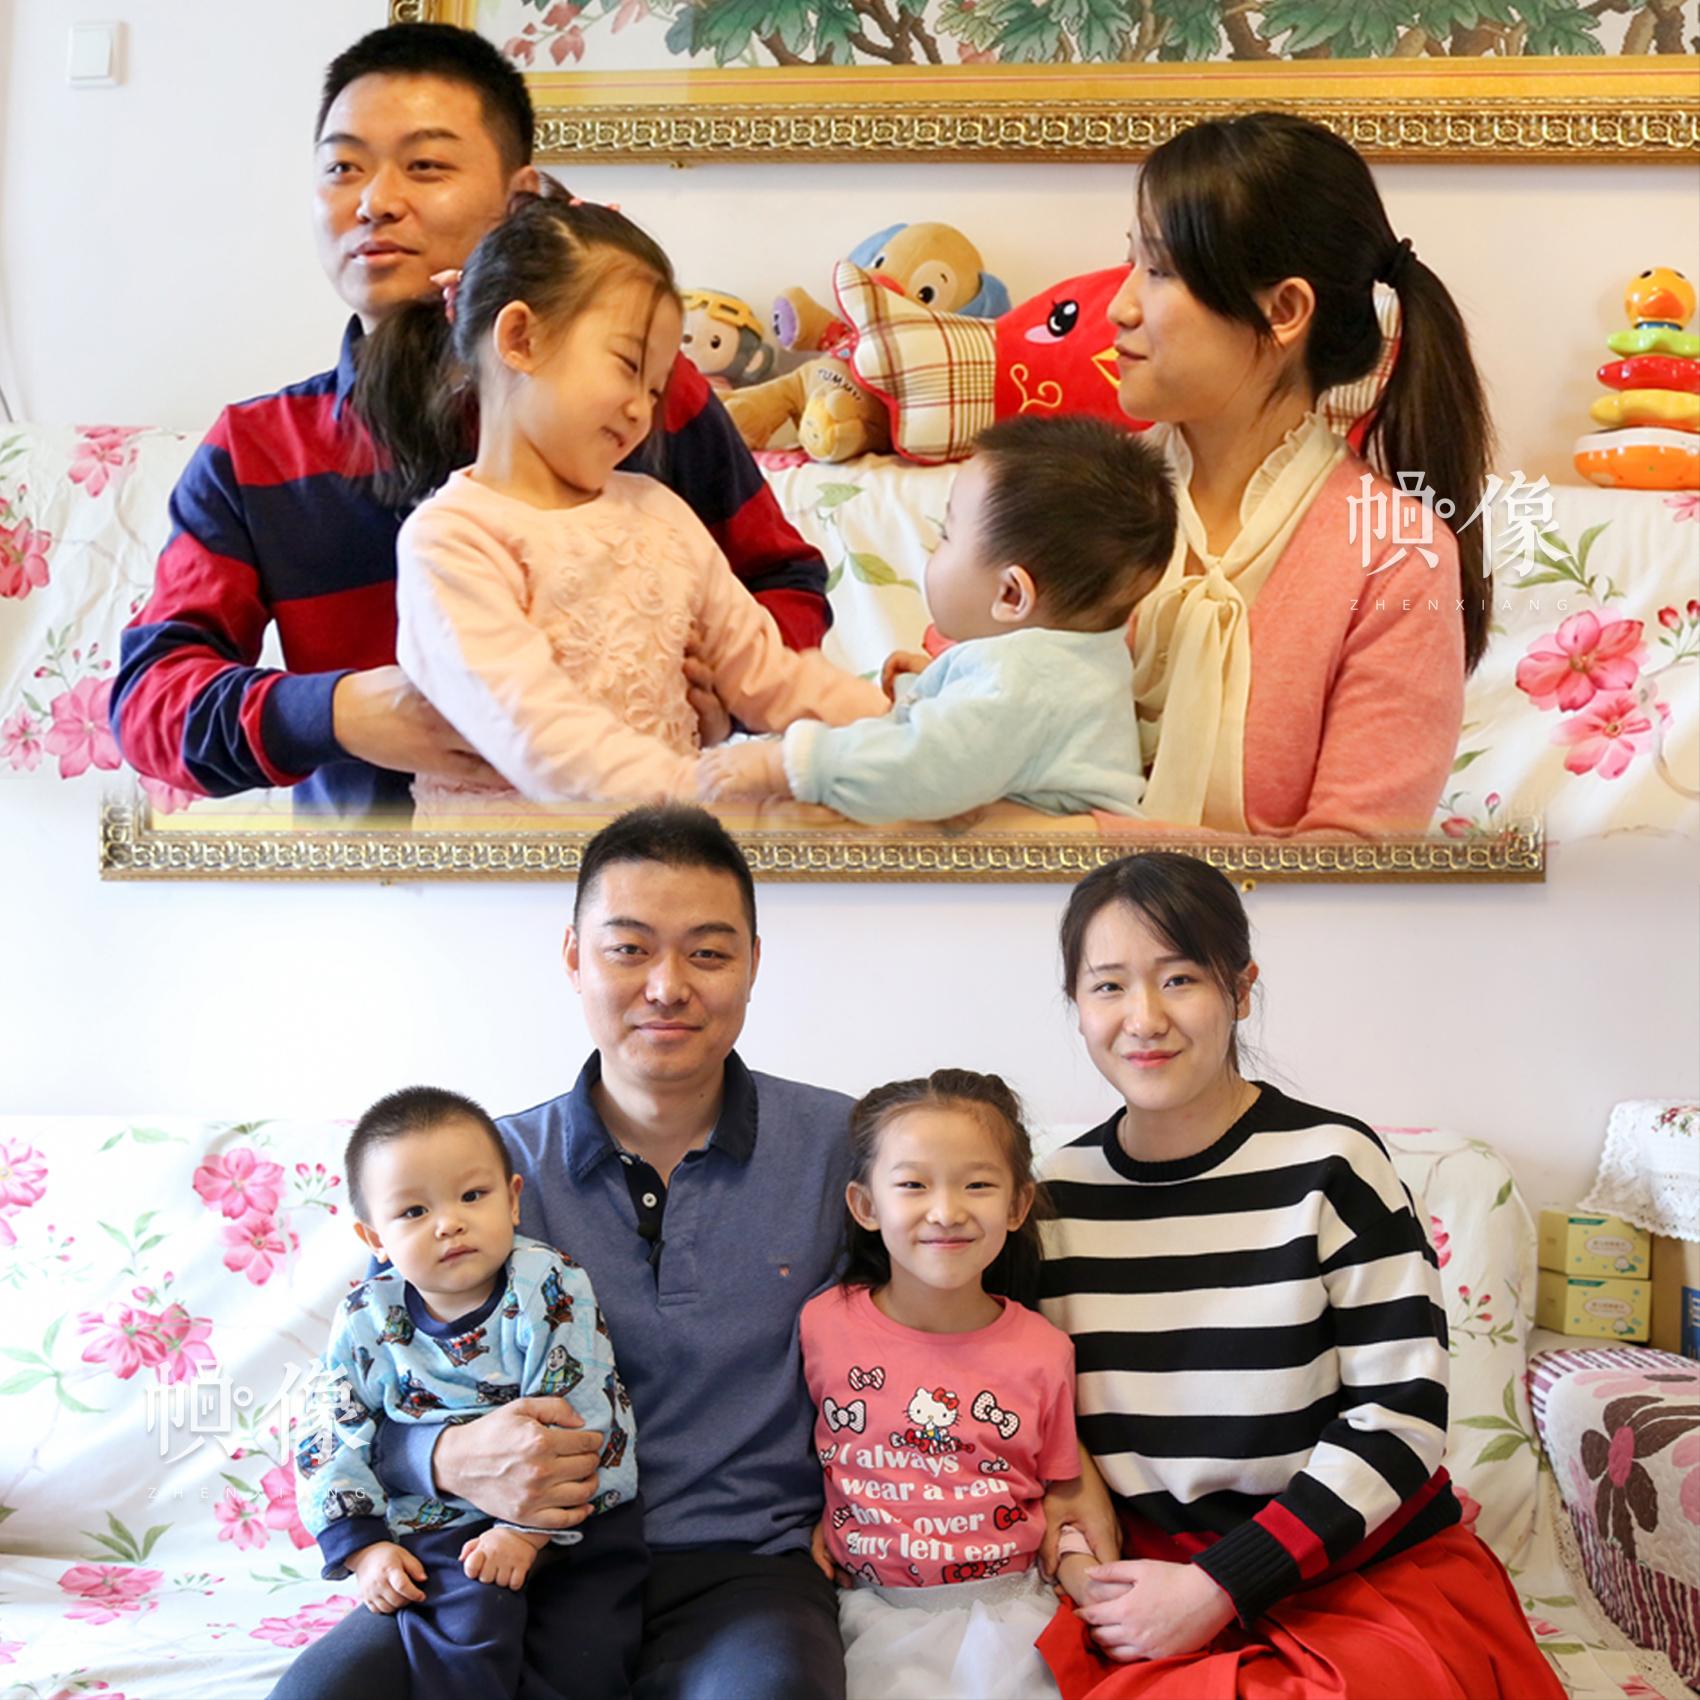 二孩家庭在2017年3月与2017年12月分别接受中国网记者专访,图为两次采访对比。中国网实习记者 朱珊杉 摄